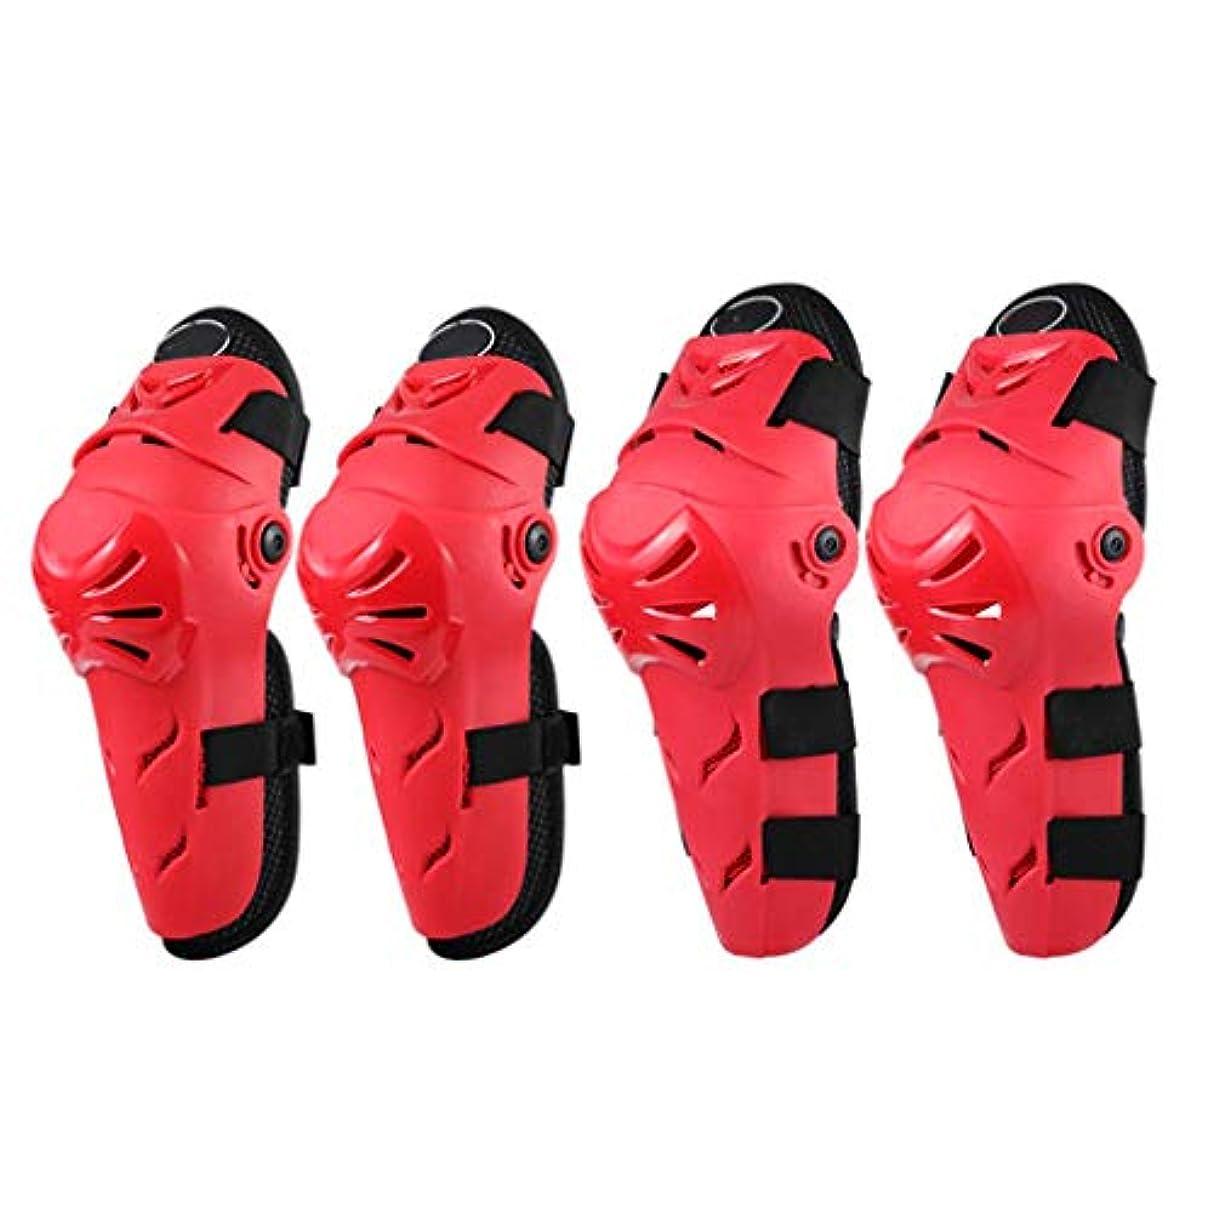 と闘う喜んでについてKOROWA 4PCS ブレースサポート 膝保護ベルト 関節炎 大人のため オートバイの時 肘膝の保護赤